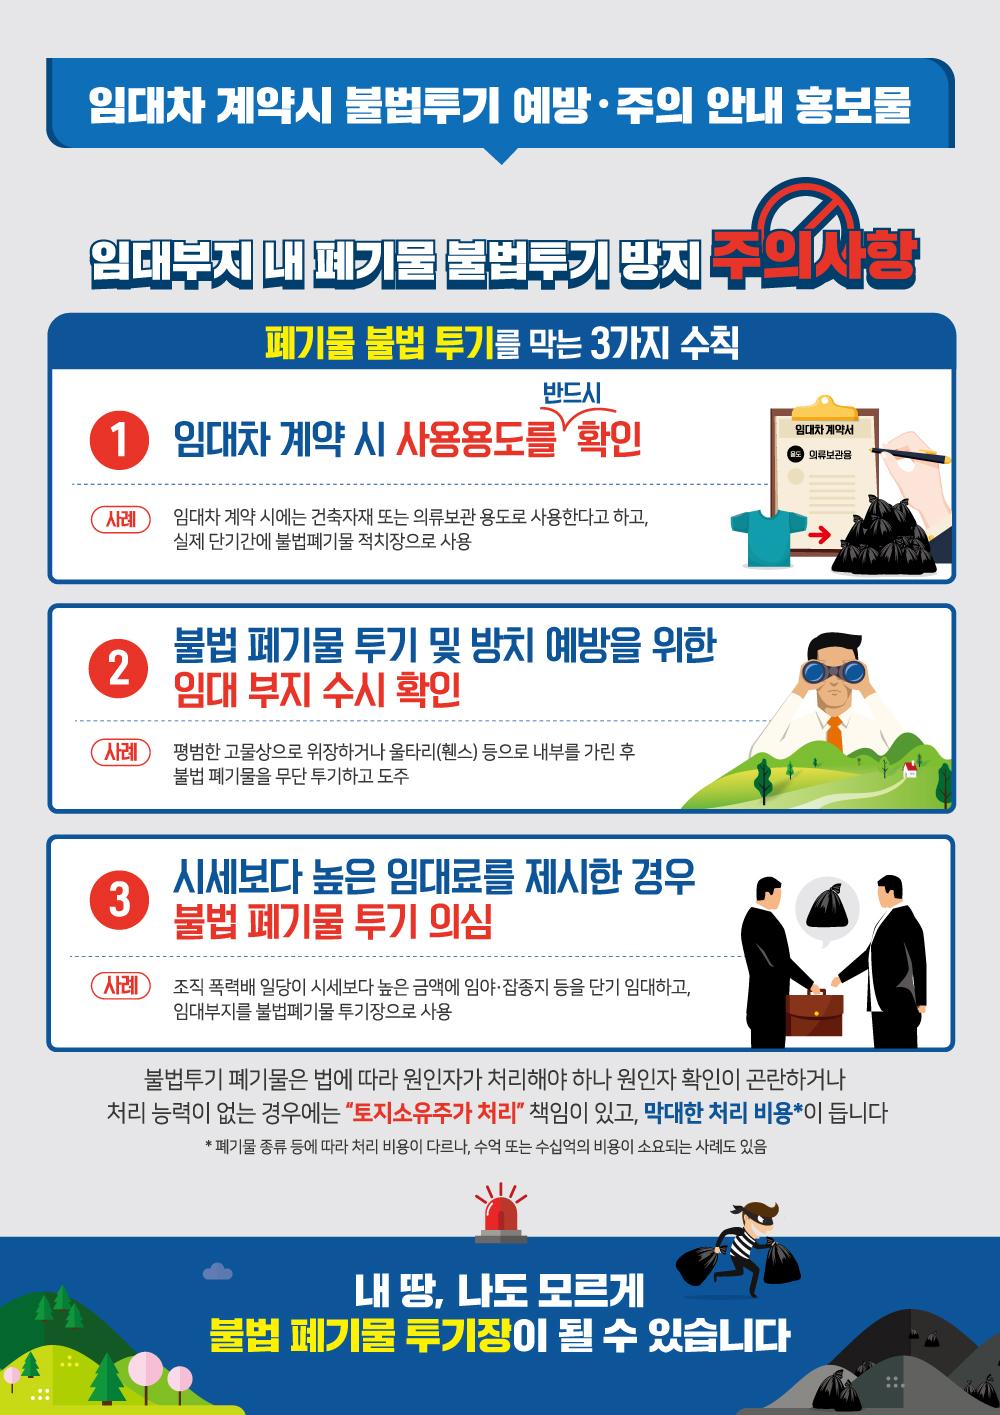 임대차 계약 시 폐기물 불법투기 예방 및 주의사항 홍보 [이미지]